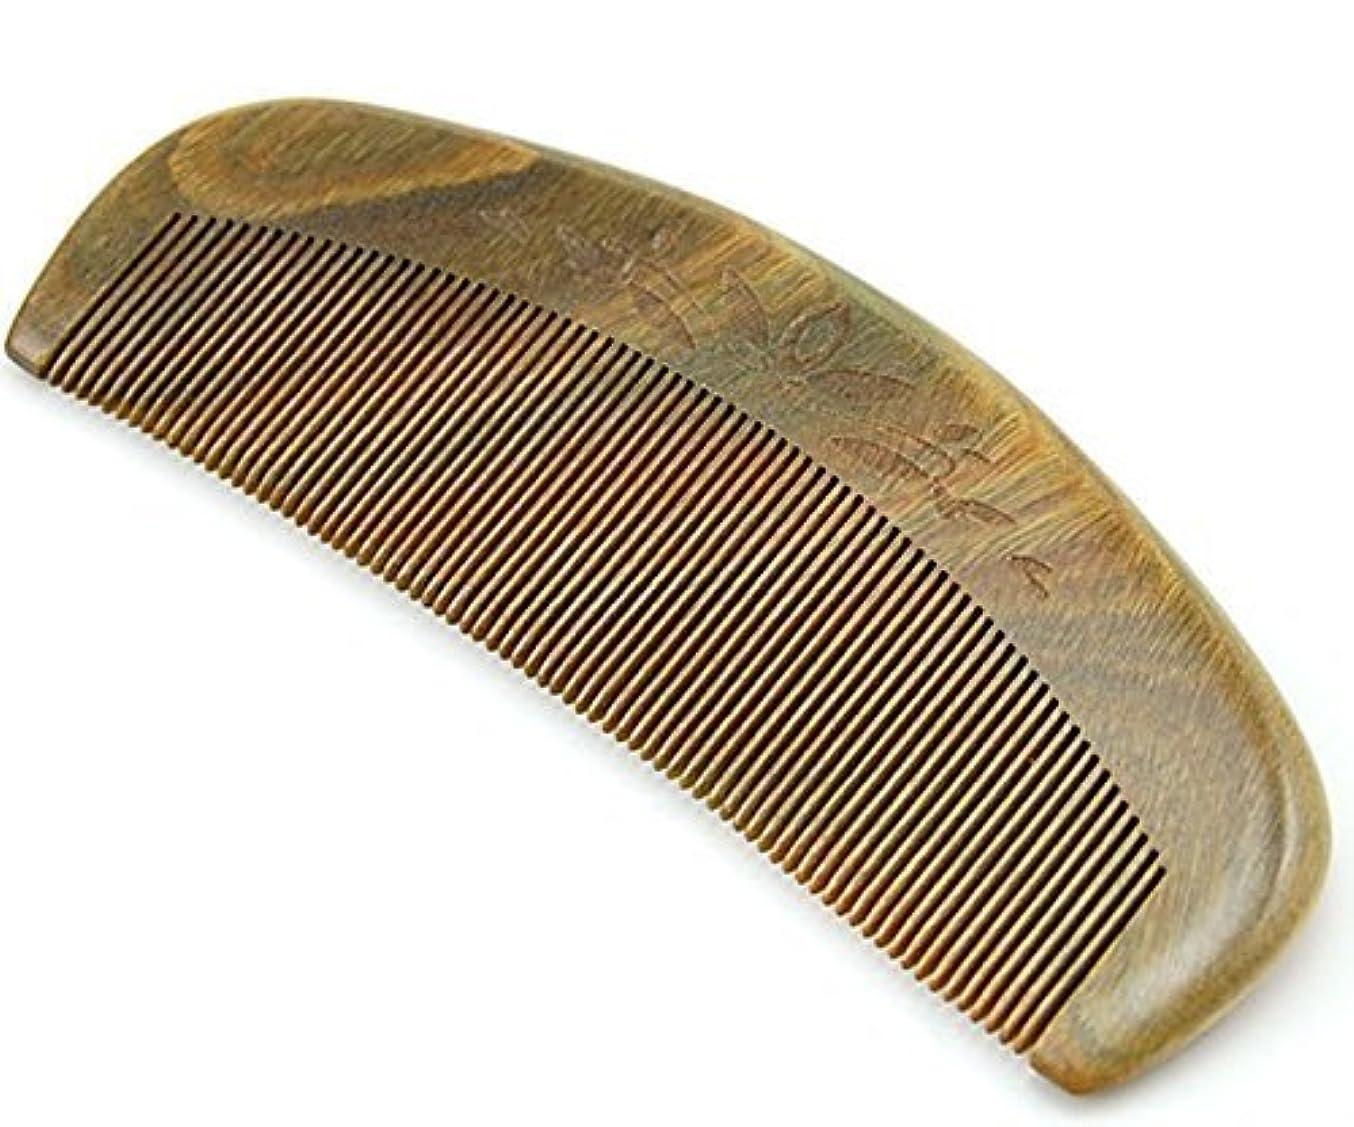 りんごマスタードクロスJoyo Natural Green Sandalwood Fine Tooth Comb, Anti Static Pocket Wooden Comb 5